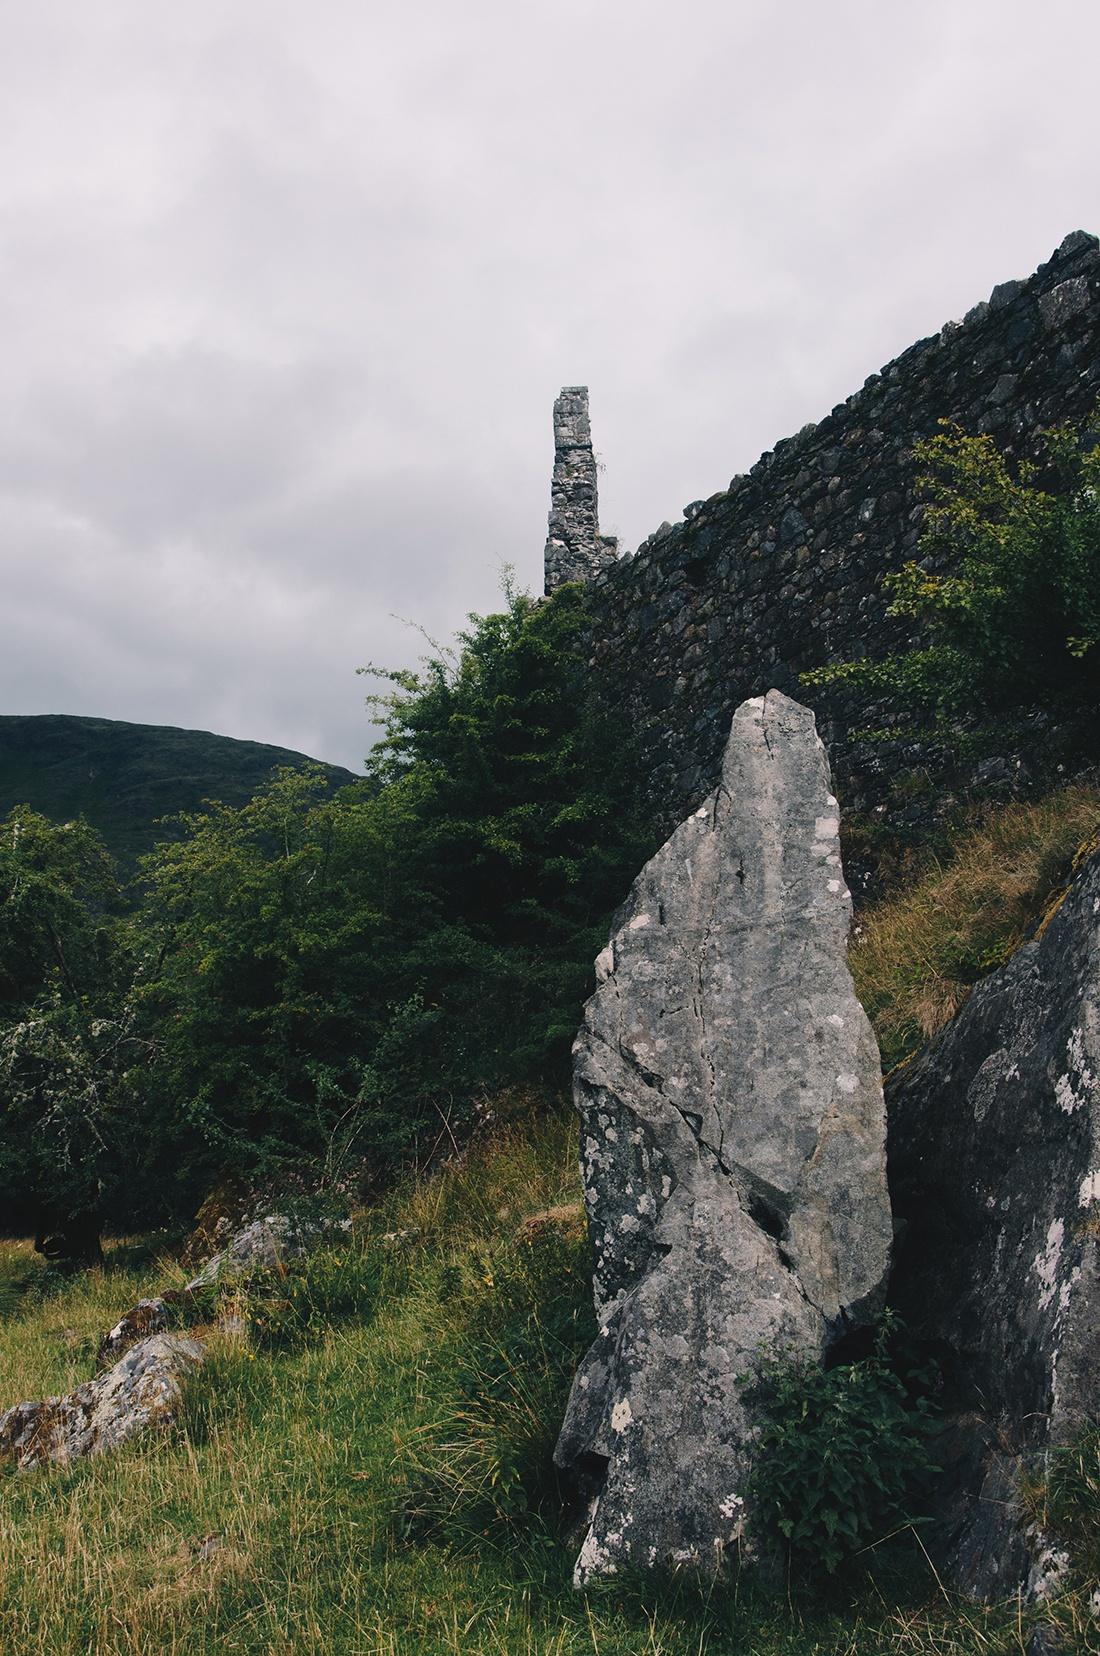 kilchurn castle, vallée de glencoe, road-trip en ecosse